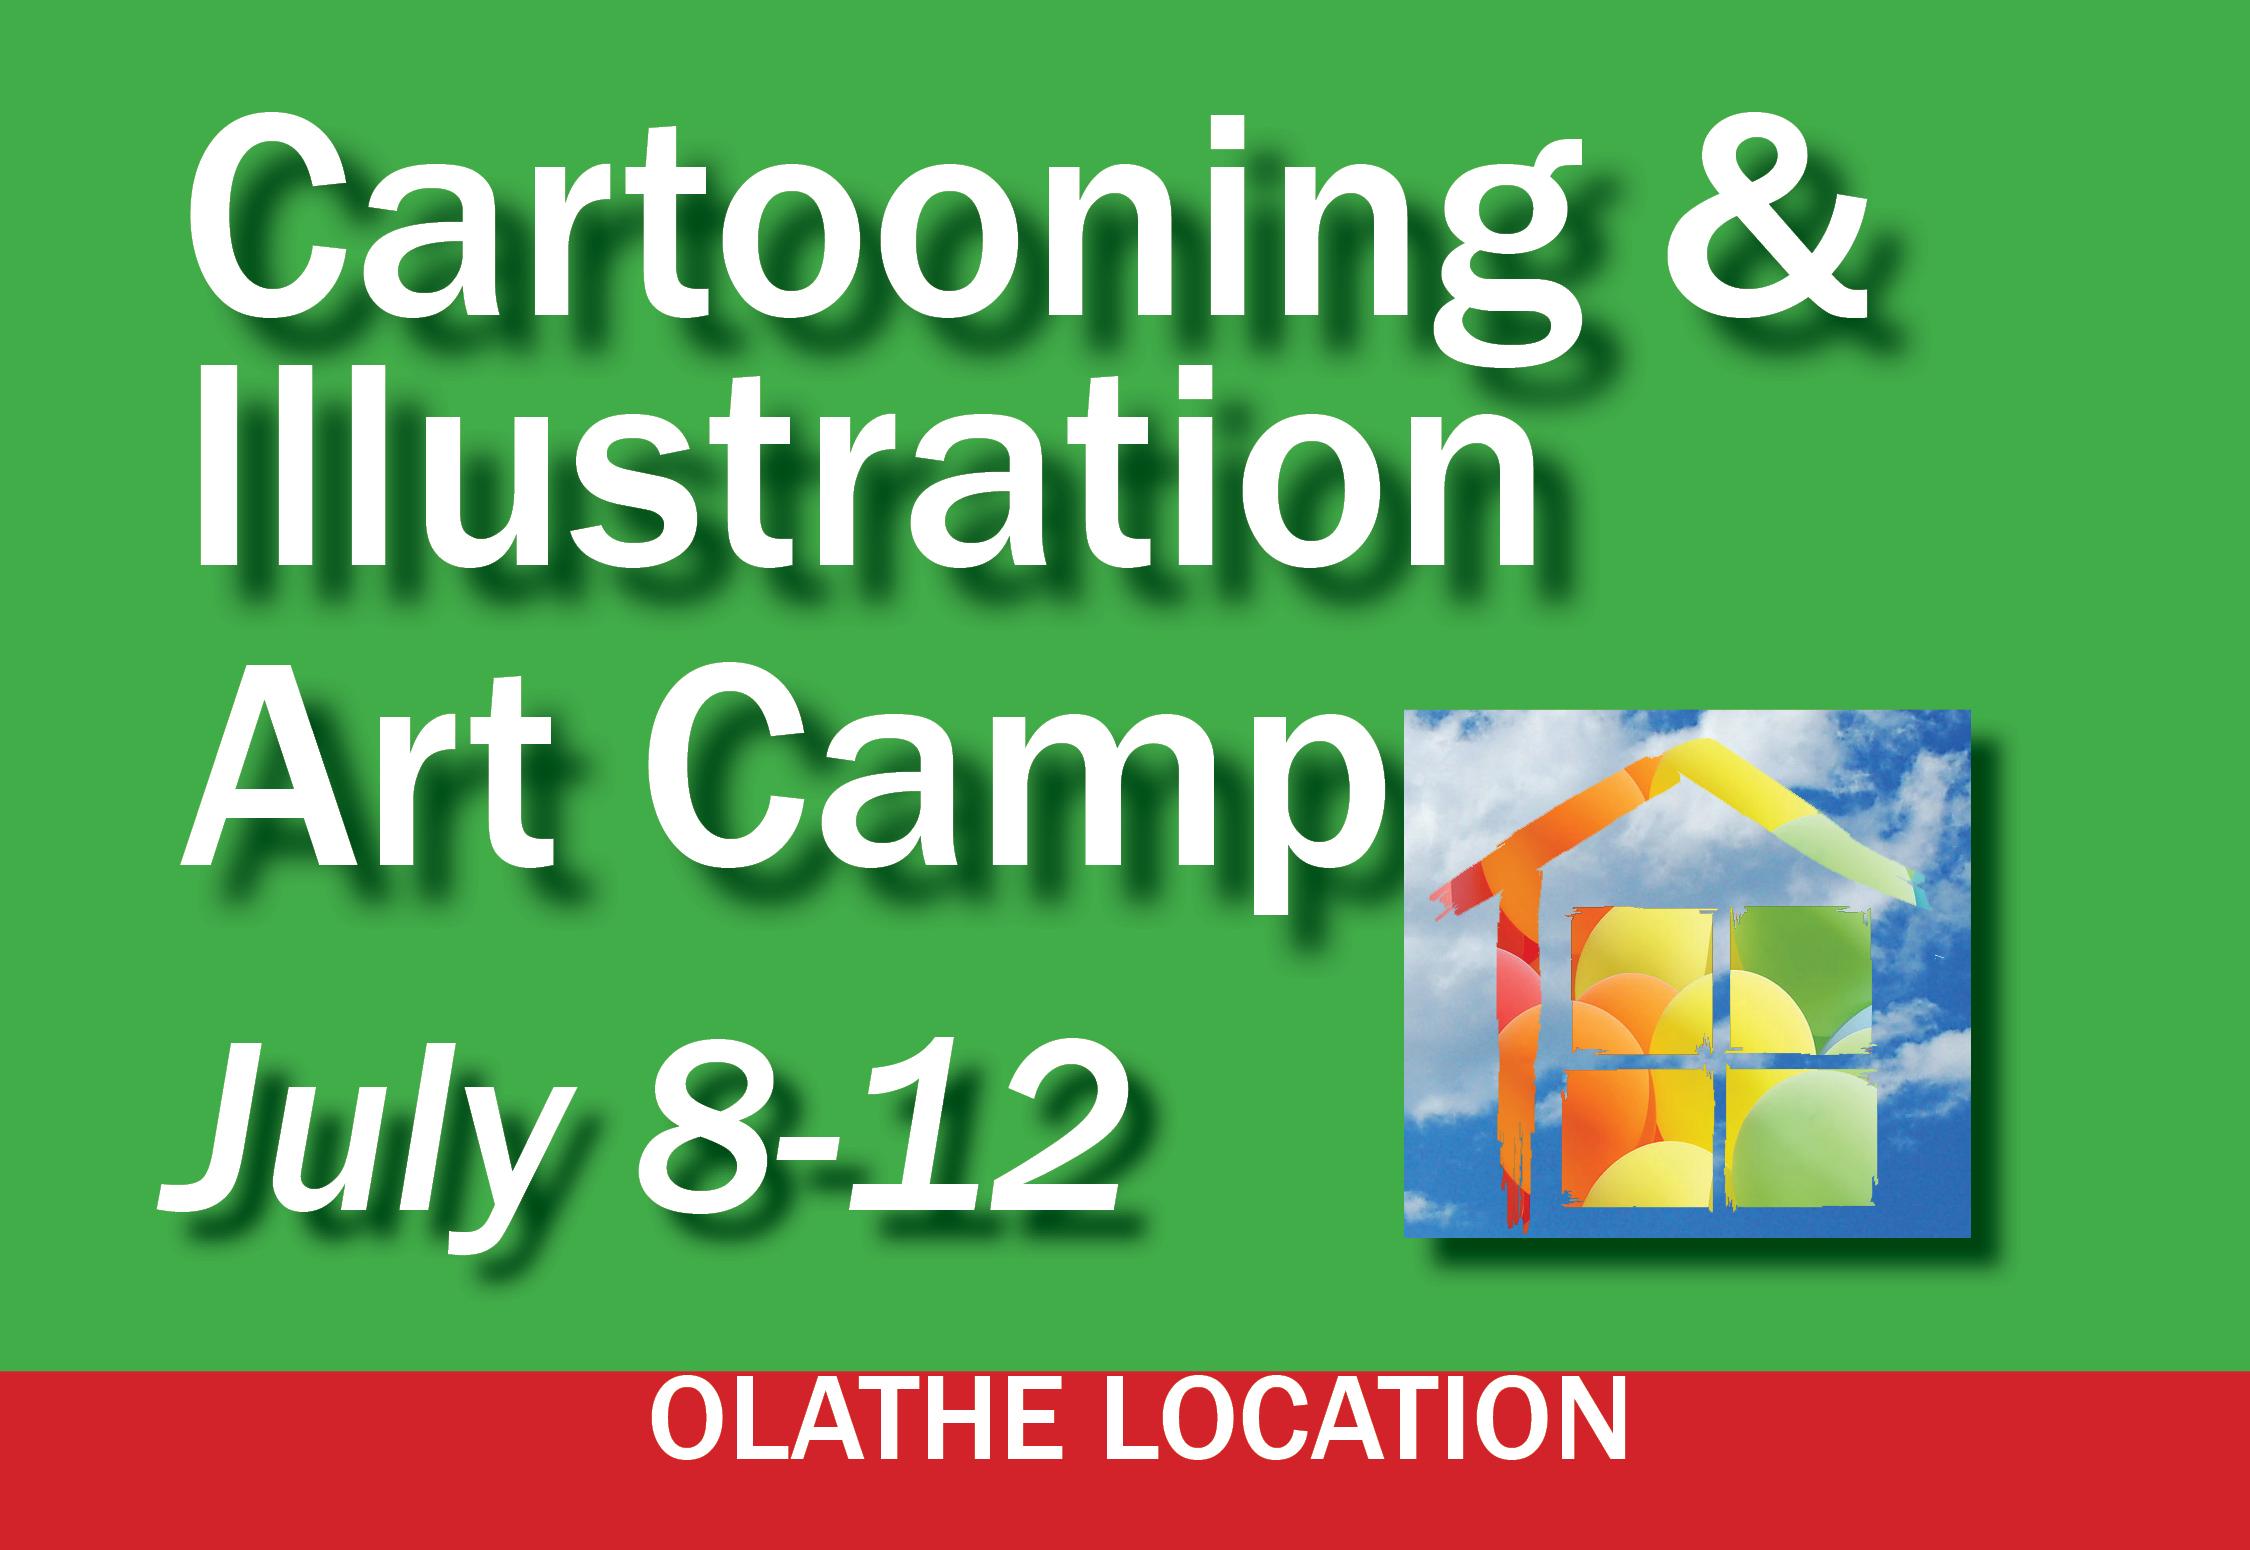 Cartooning & Illustration july 8 icon.jpg